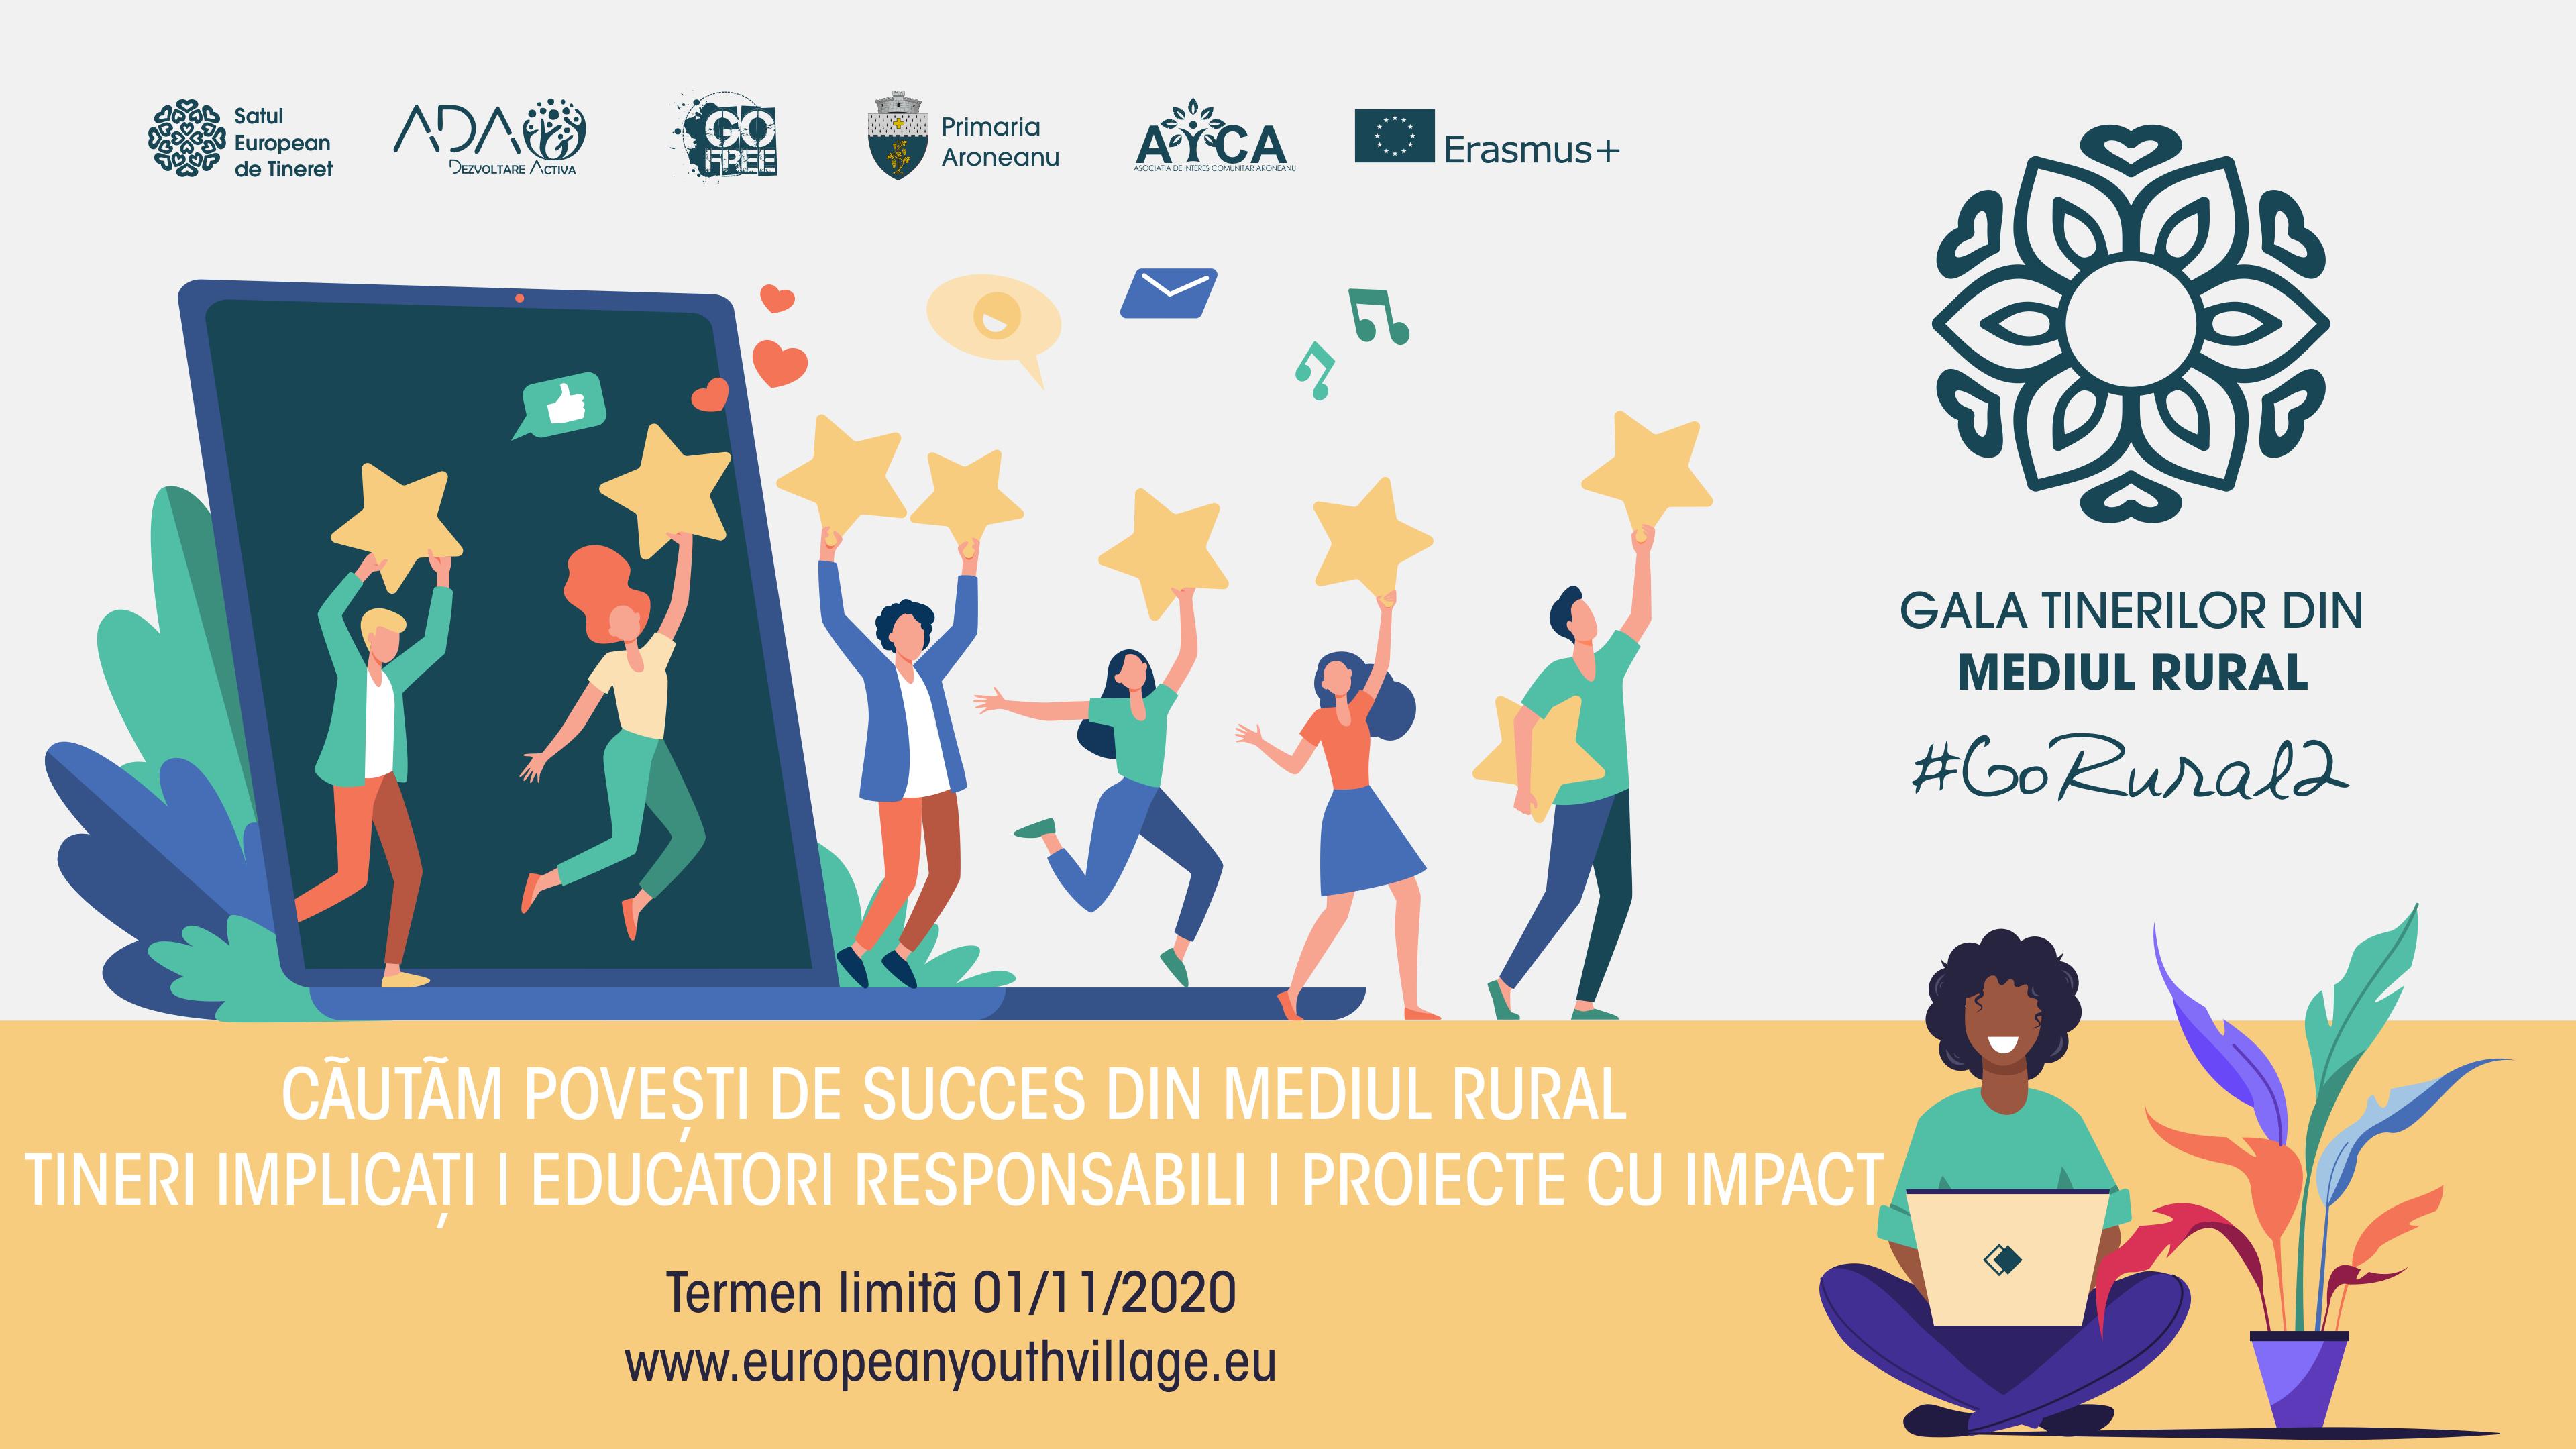 Nominalizează tineri, educatori și proiecte care schimbă comunități la Gala Tinerilor din Mediul Rural